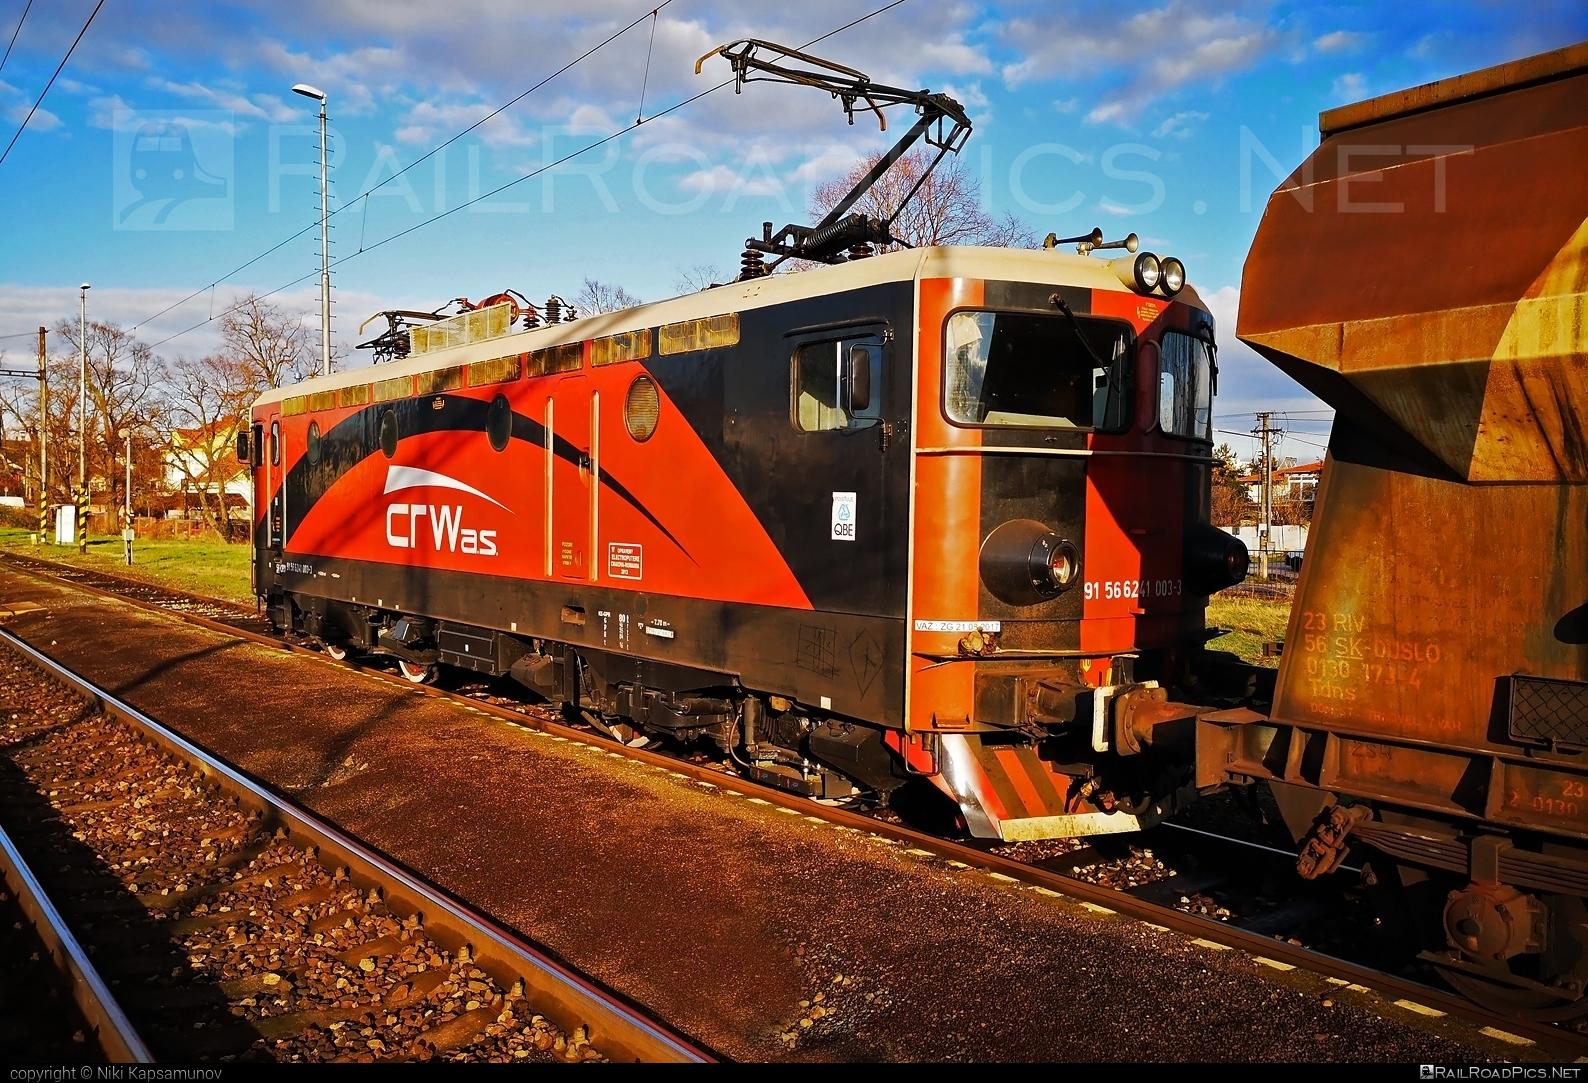 Končar JŽ class 441 - 241 003-3 operated by CENTRAL RAILWAYS s.r.o. #centralrailways #crw #jz441 #koncar #koncar441